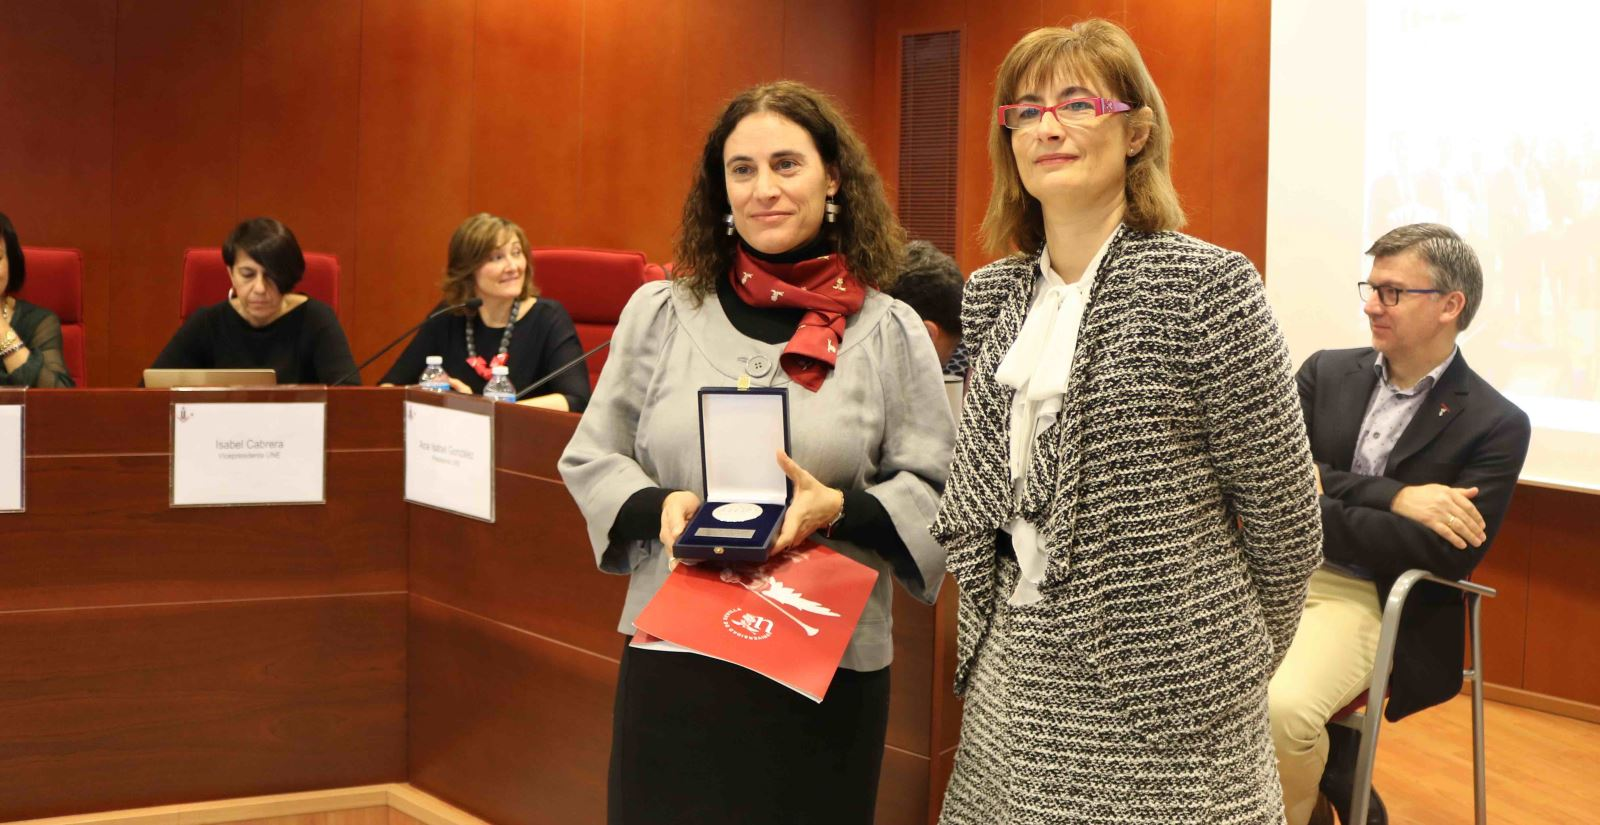 Medalla de Honor de la UNE a Antonio Caballos (recogió Araceli López)